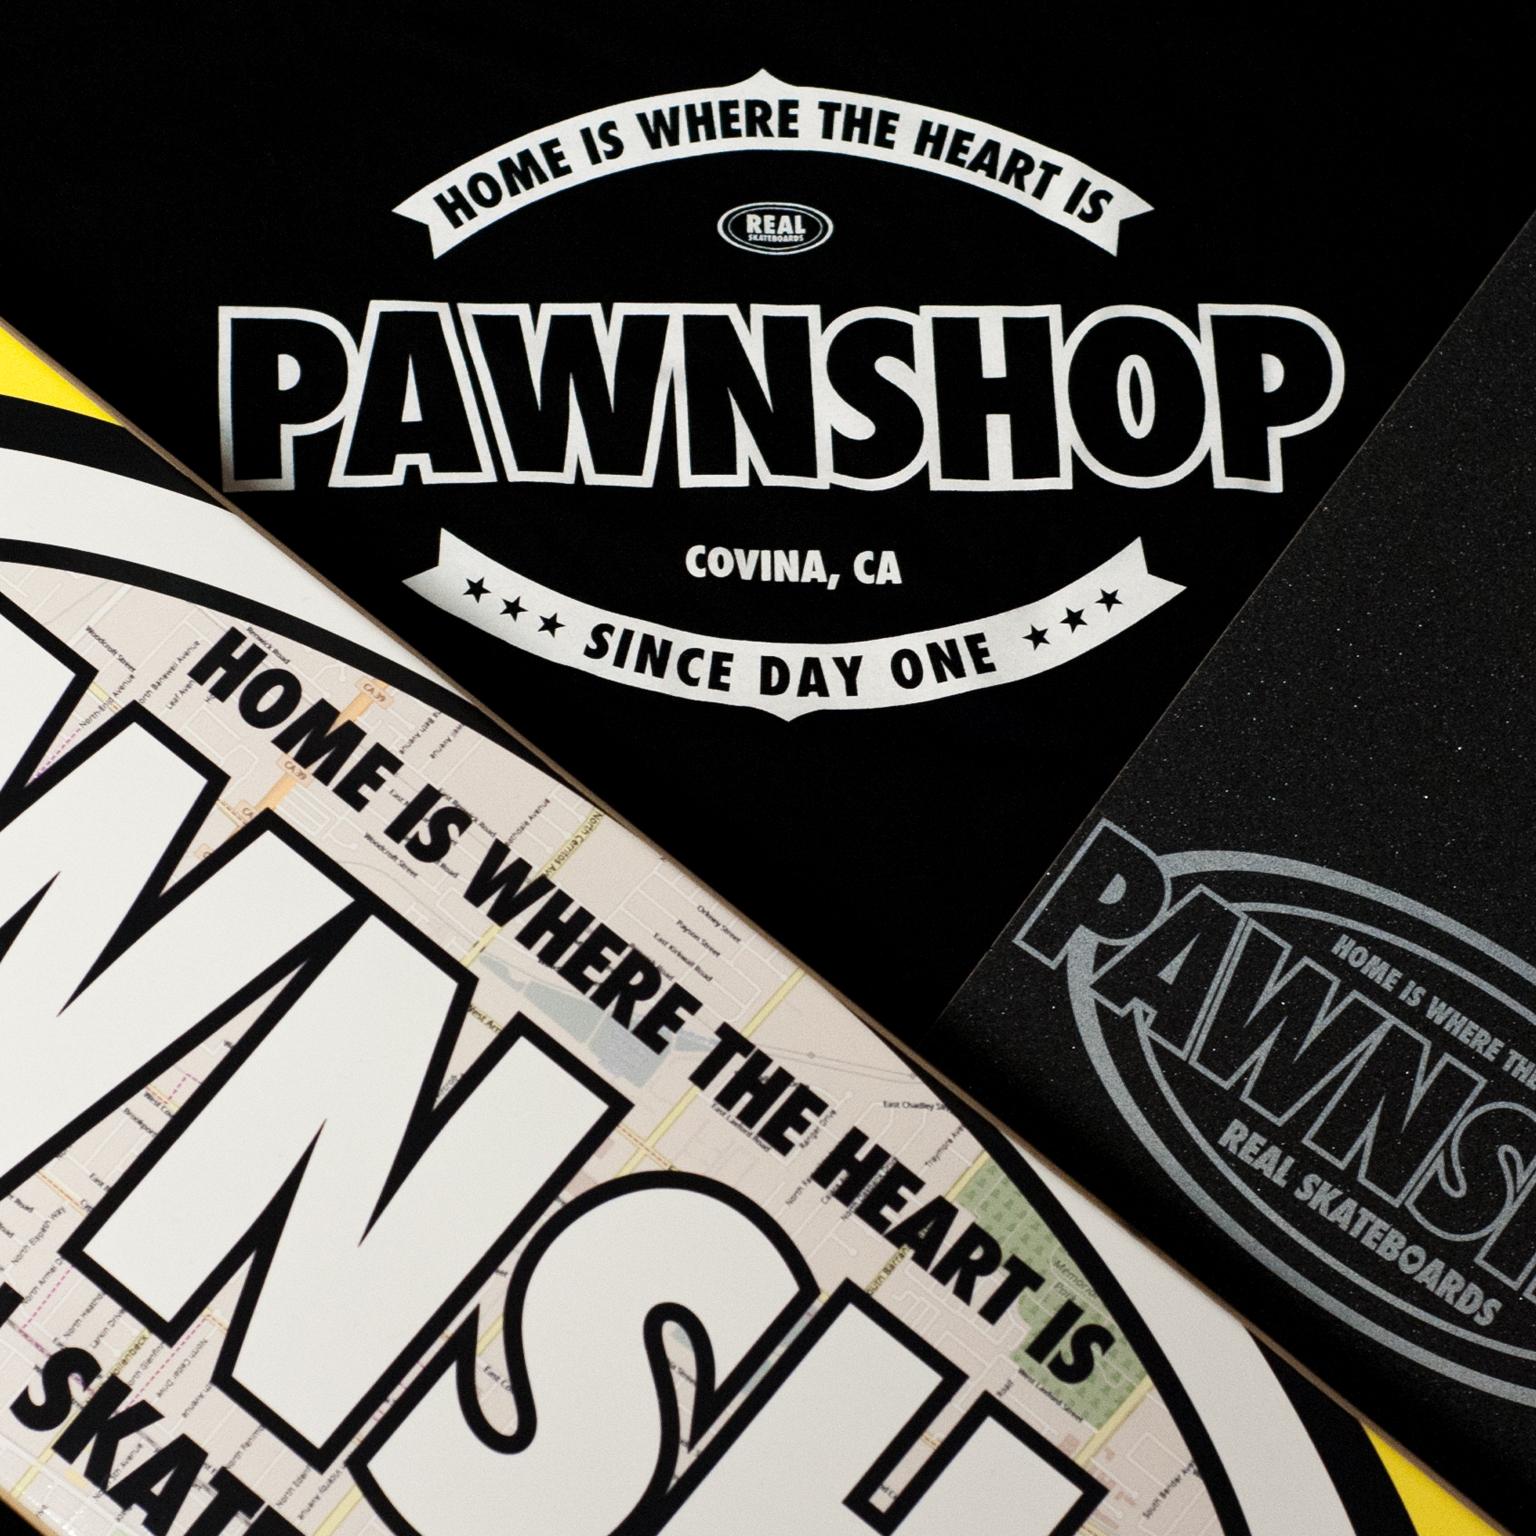 PAWNSHOP-DECK-GRIP-SHIRT